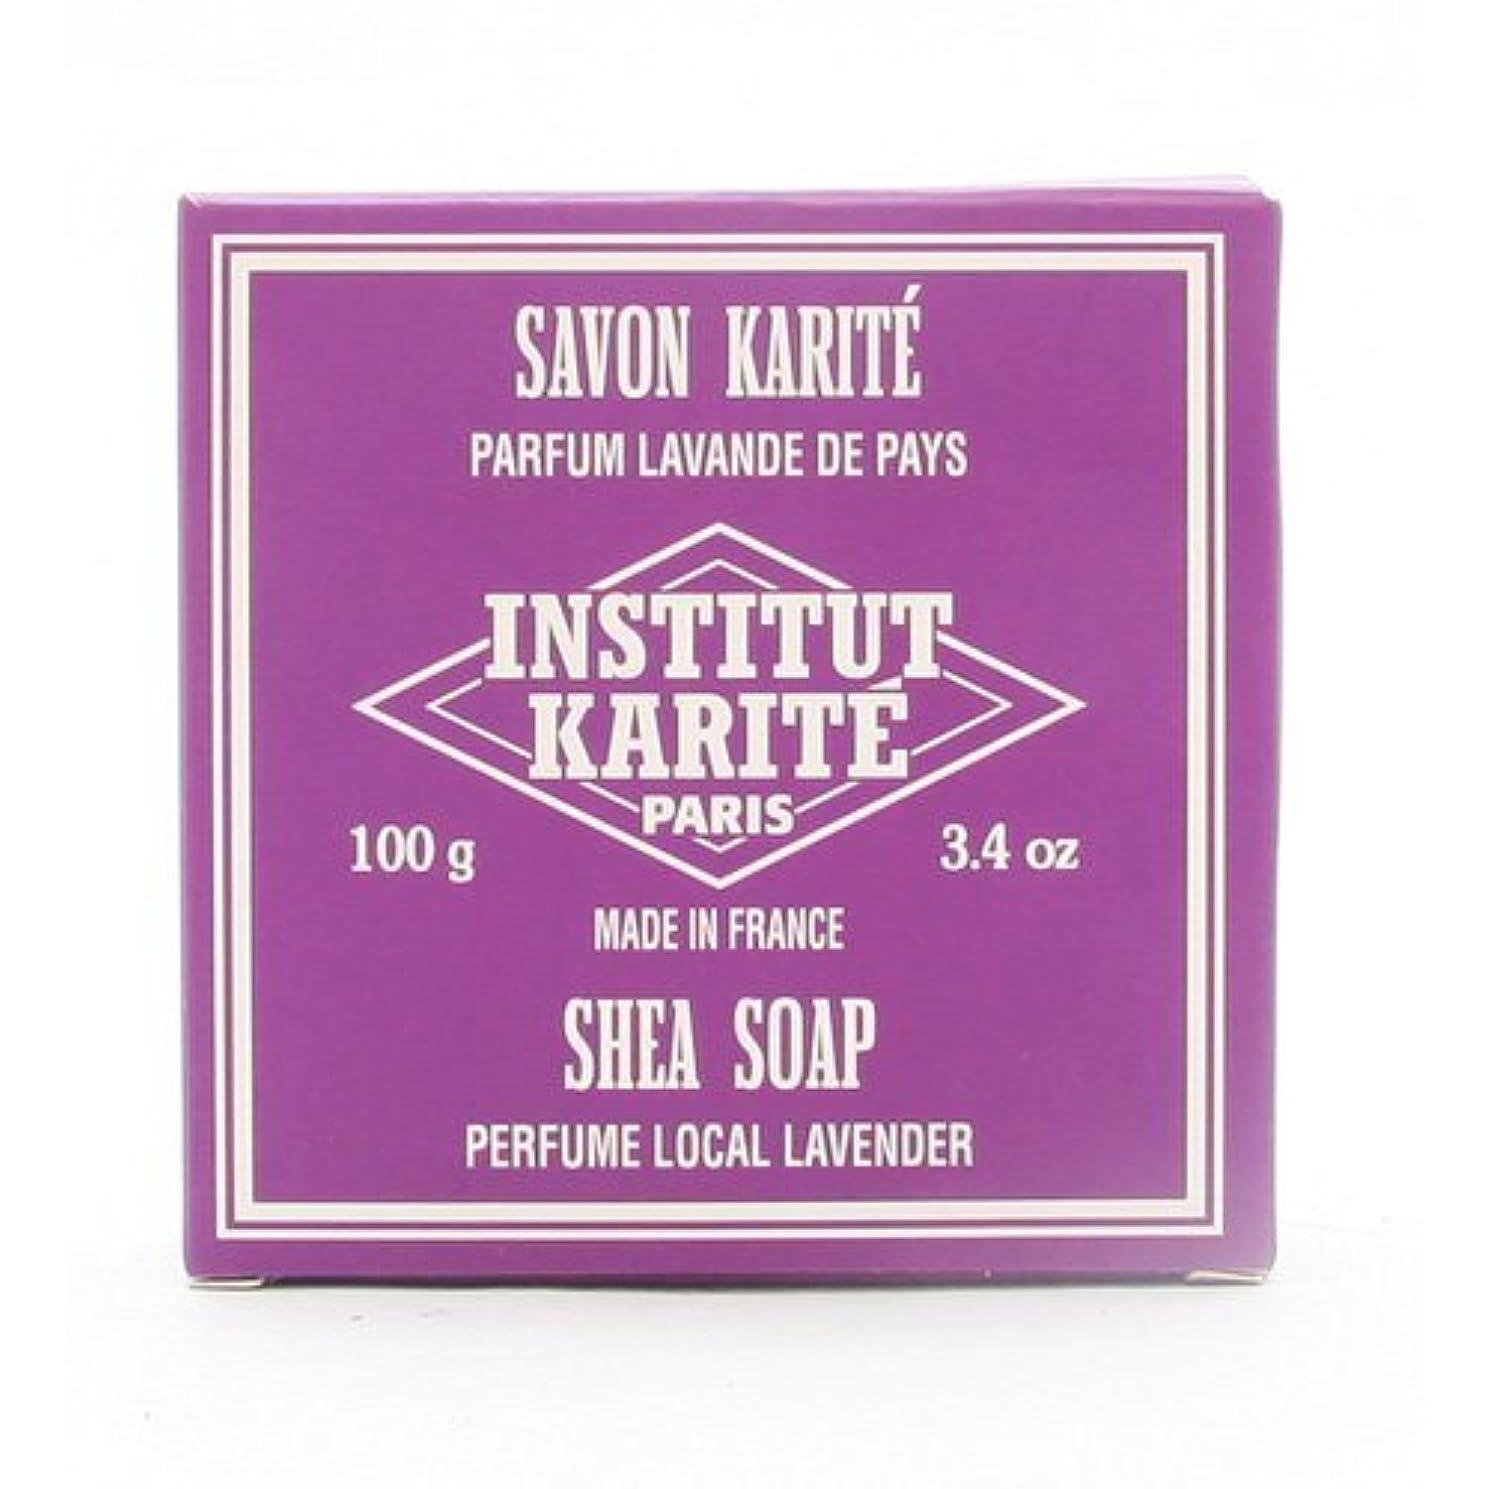 報復する補正少数INSTITUT KARITE インスティテュート カリテ 25% Extra Gentle Soap ジェントルソープ 100g Local Lavender ローカルラベンダー